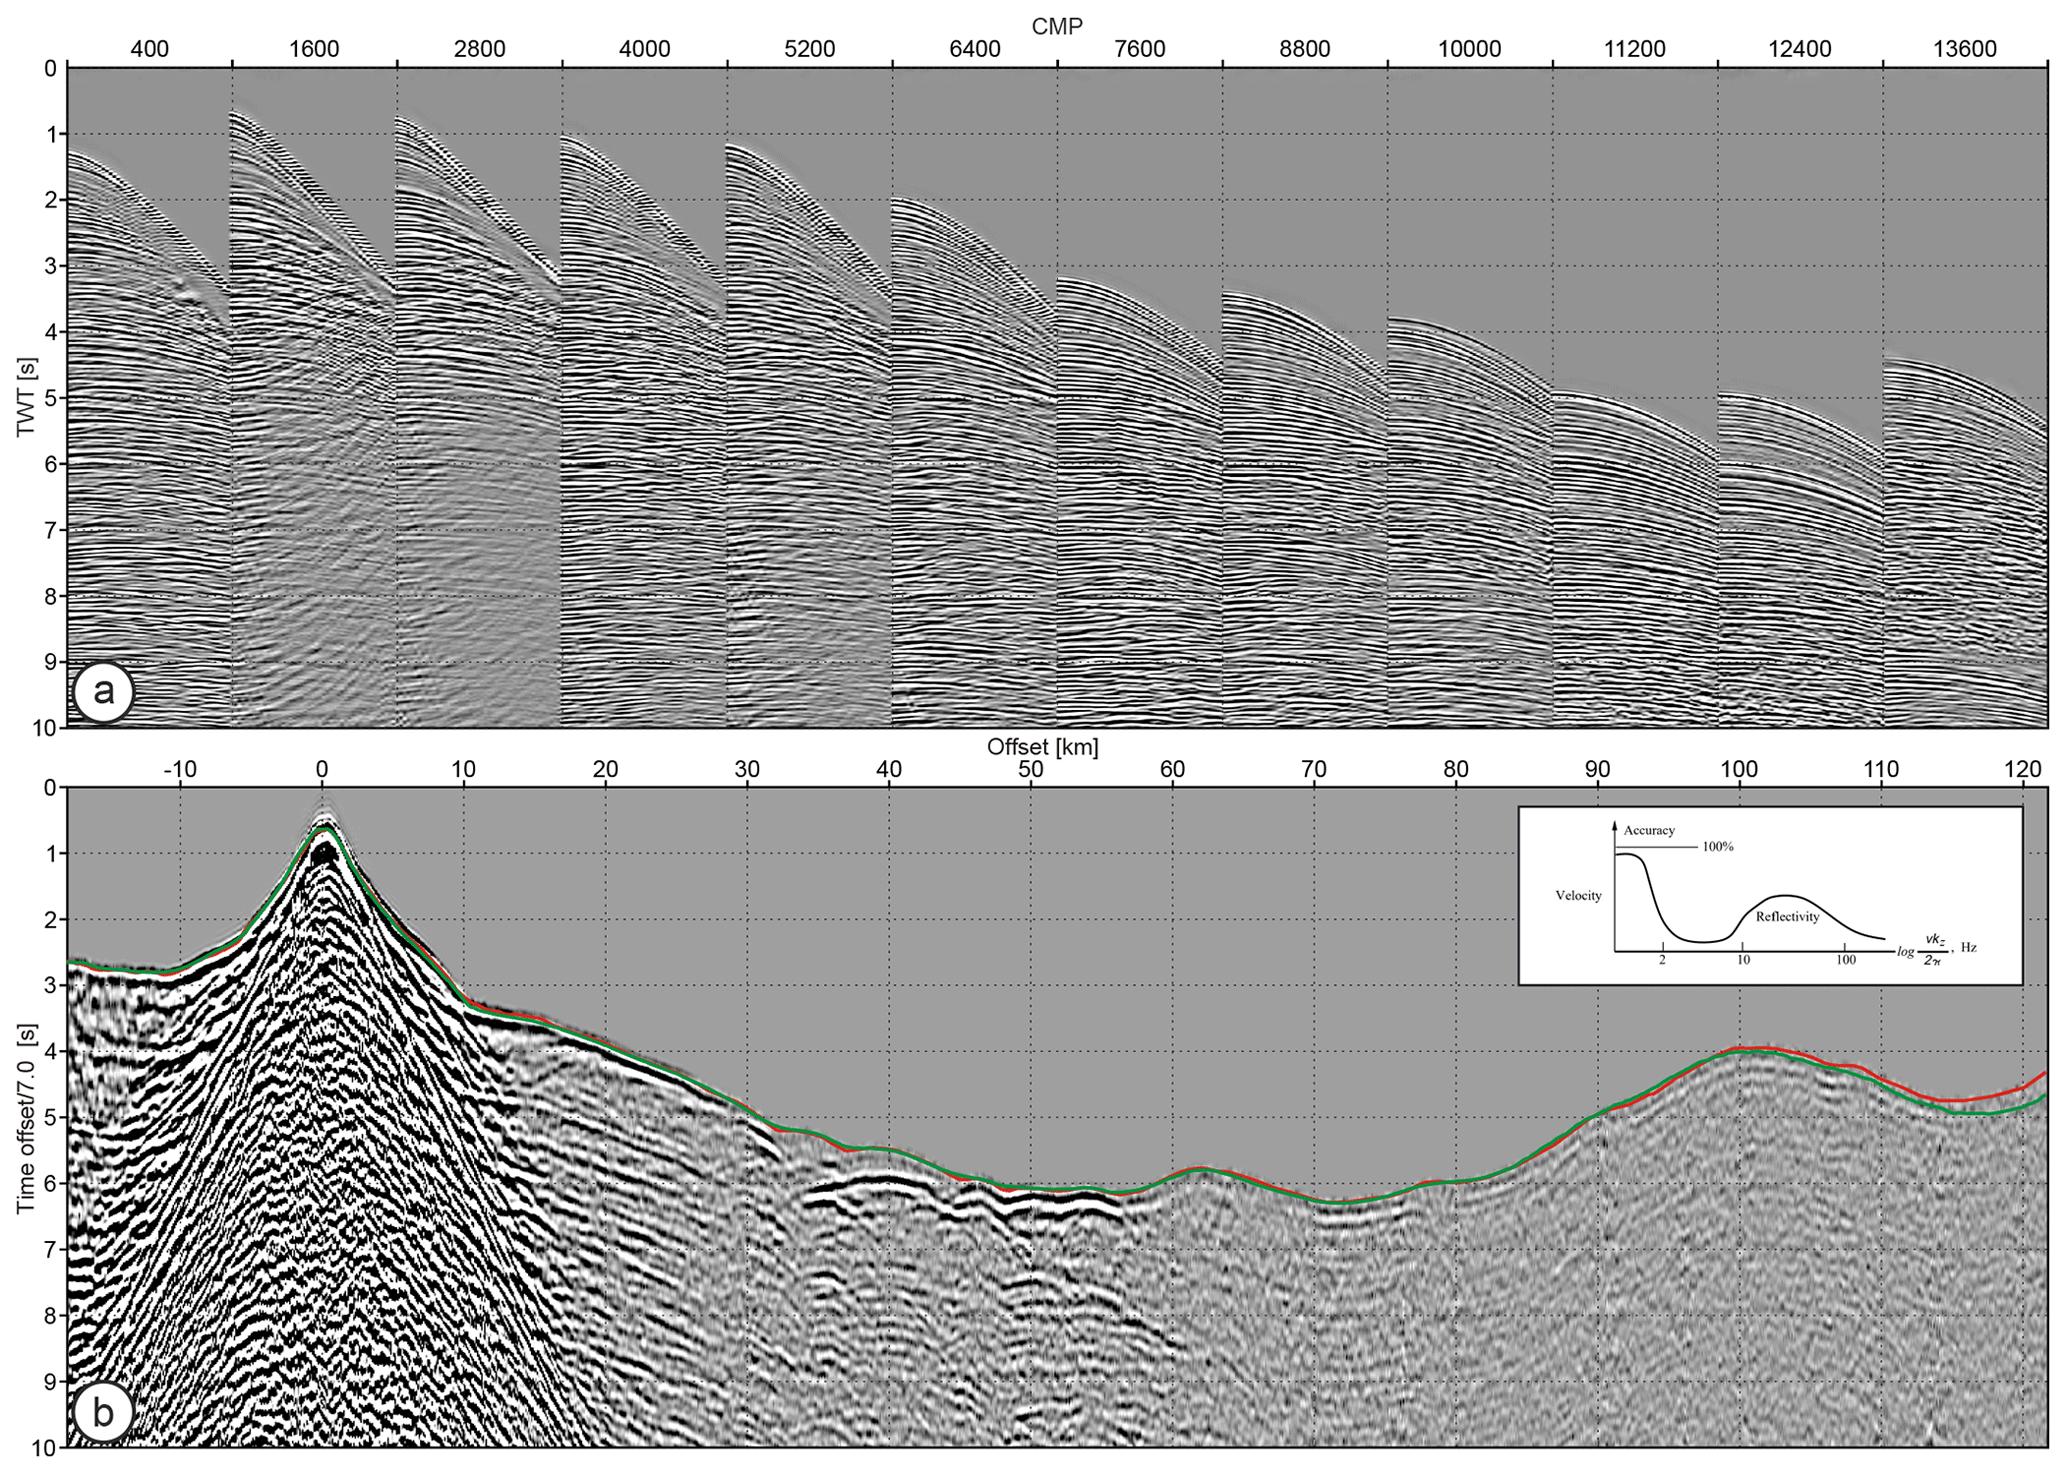 SE - Crustal-scale depth imaging via joint full-waveform inversion